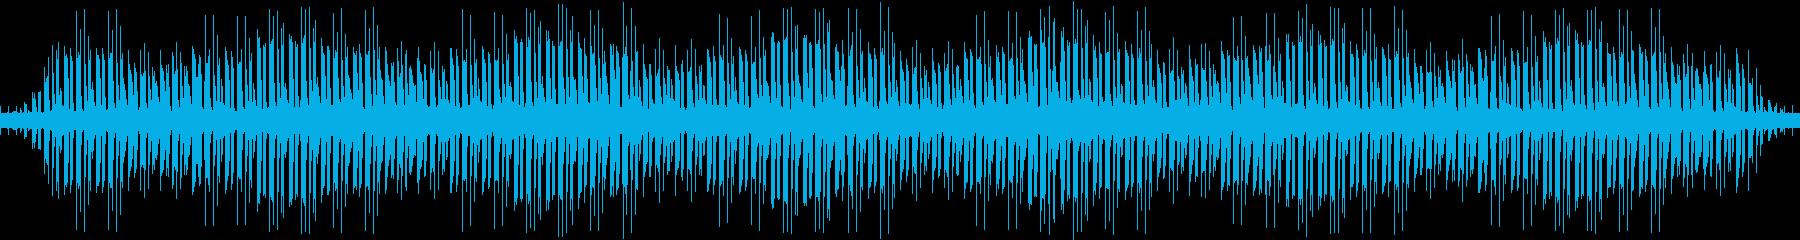 マラソン・ランニング練習用vol.003の再生済みの波形